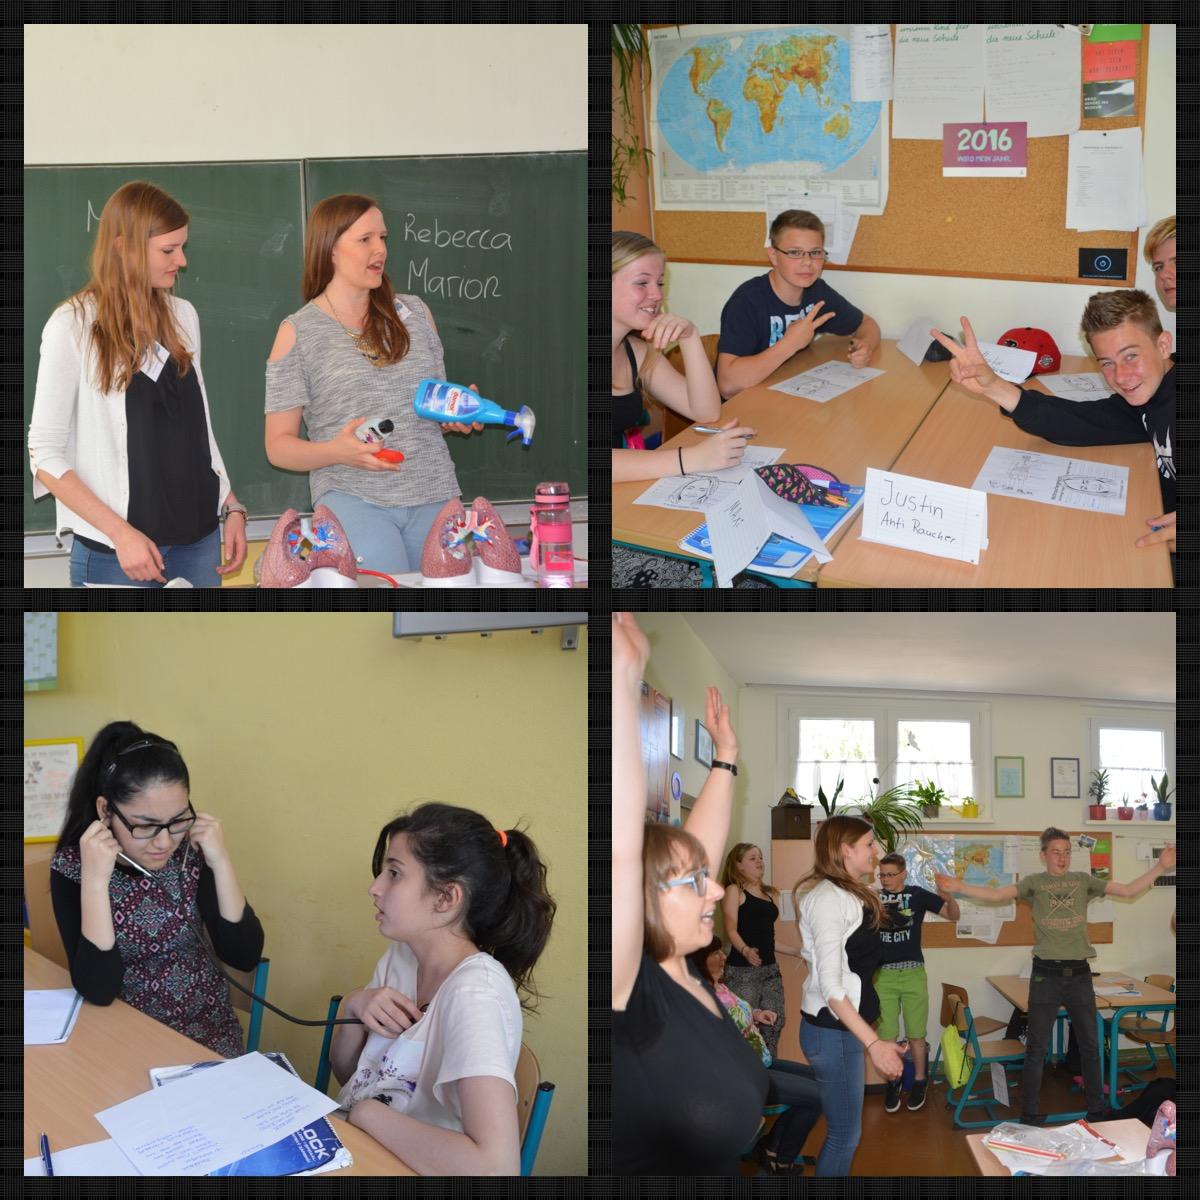 Eindrücke vom letzten Schulbesuch in Erfurt